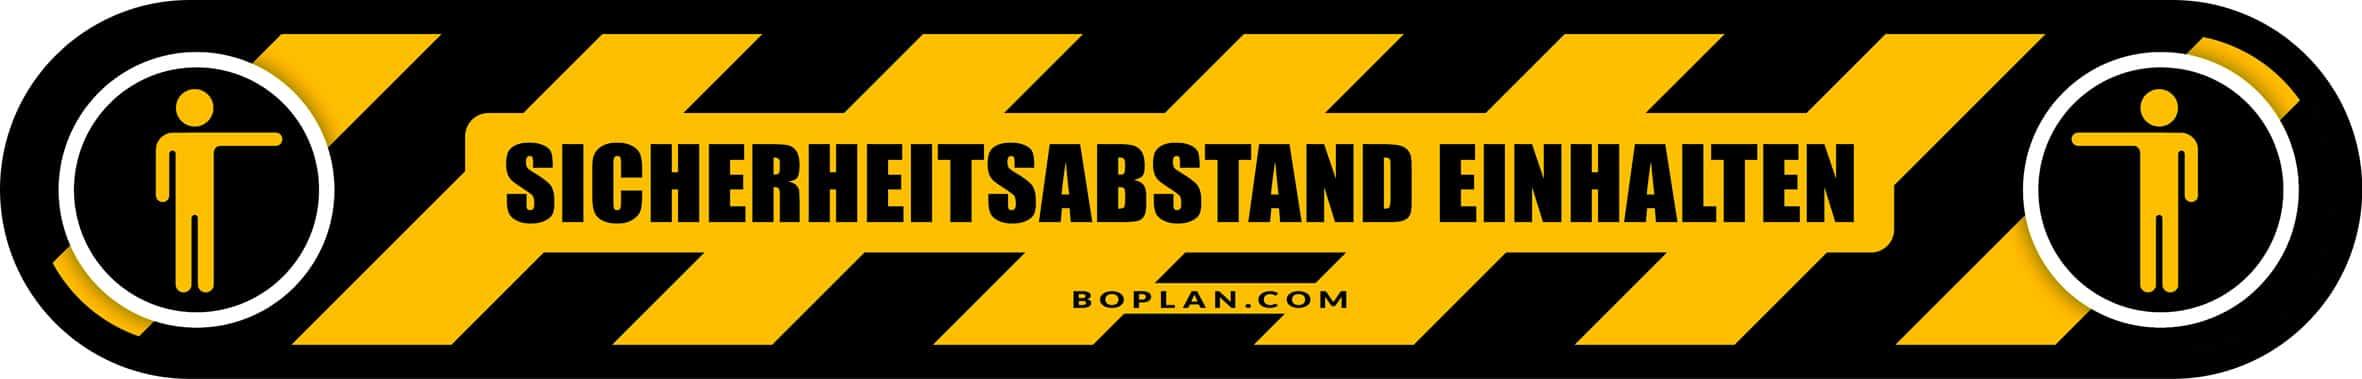 """boplan® Bodenmarkierung """"Sicherheitsabstand einhalten""""800x120mm – YE/BL"""